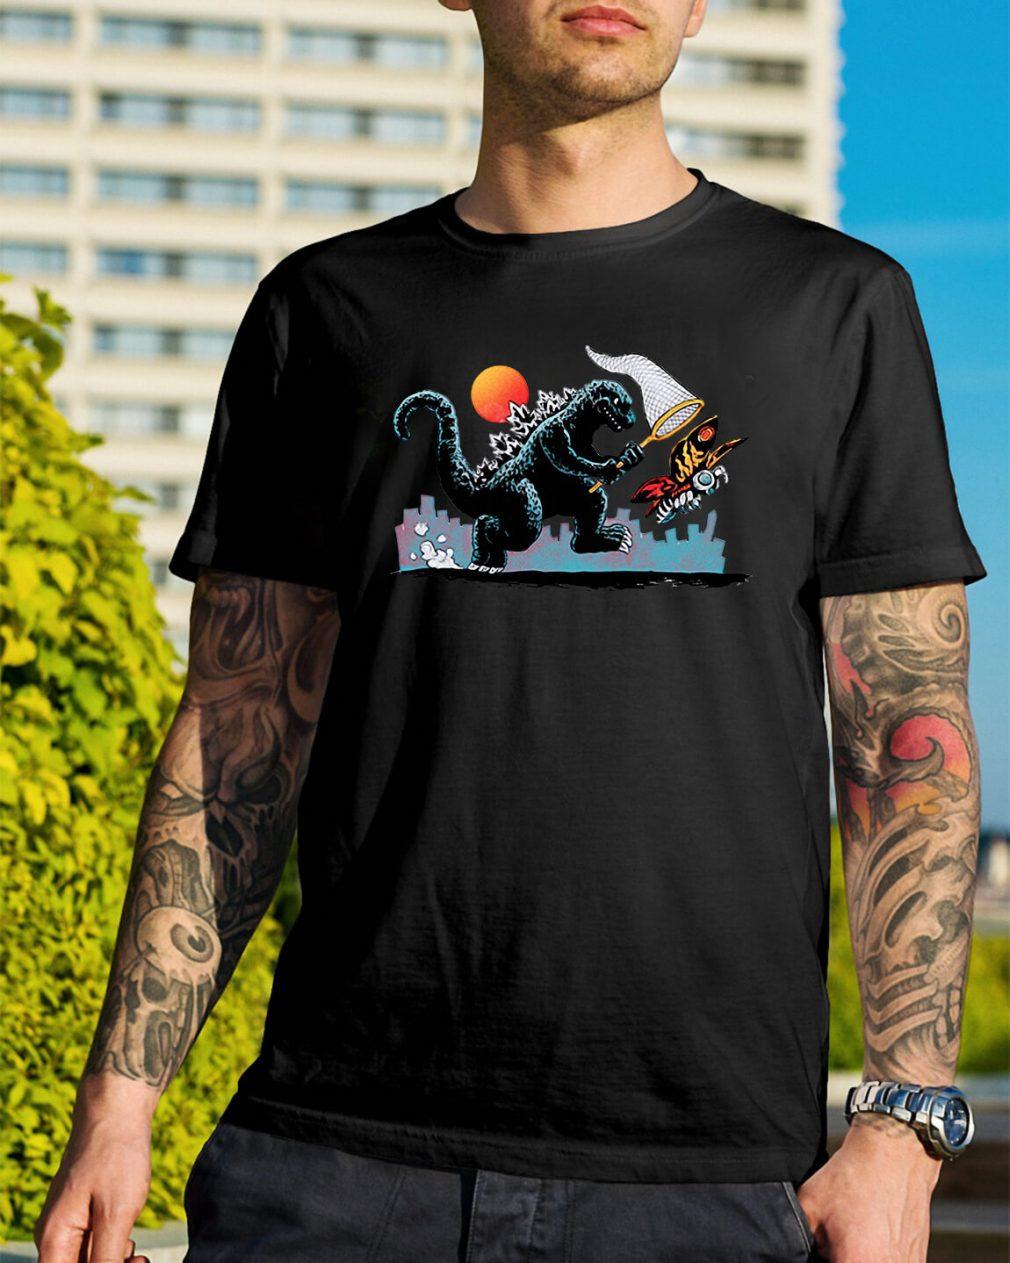 Godzilla catching Kaiju shirt